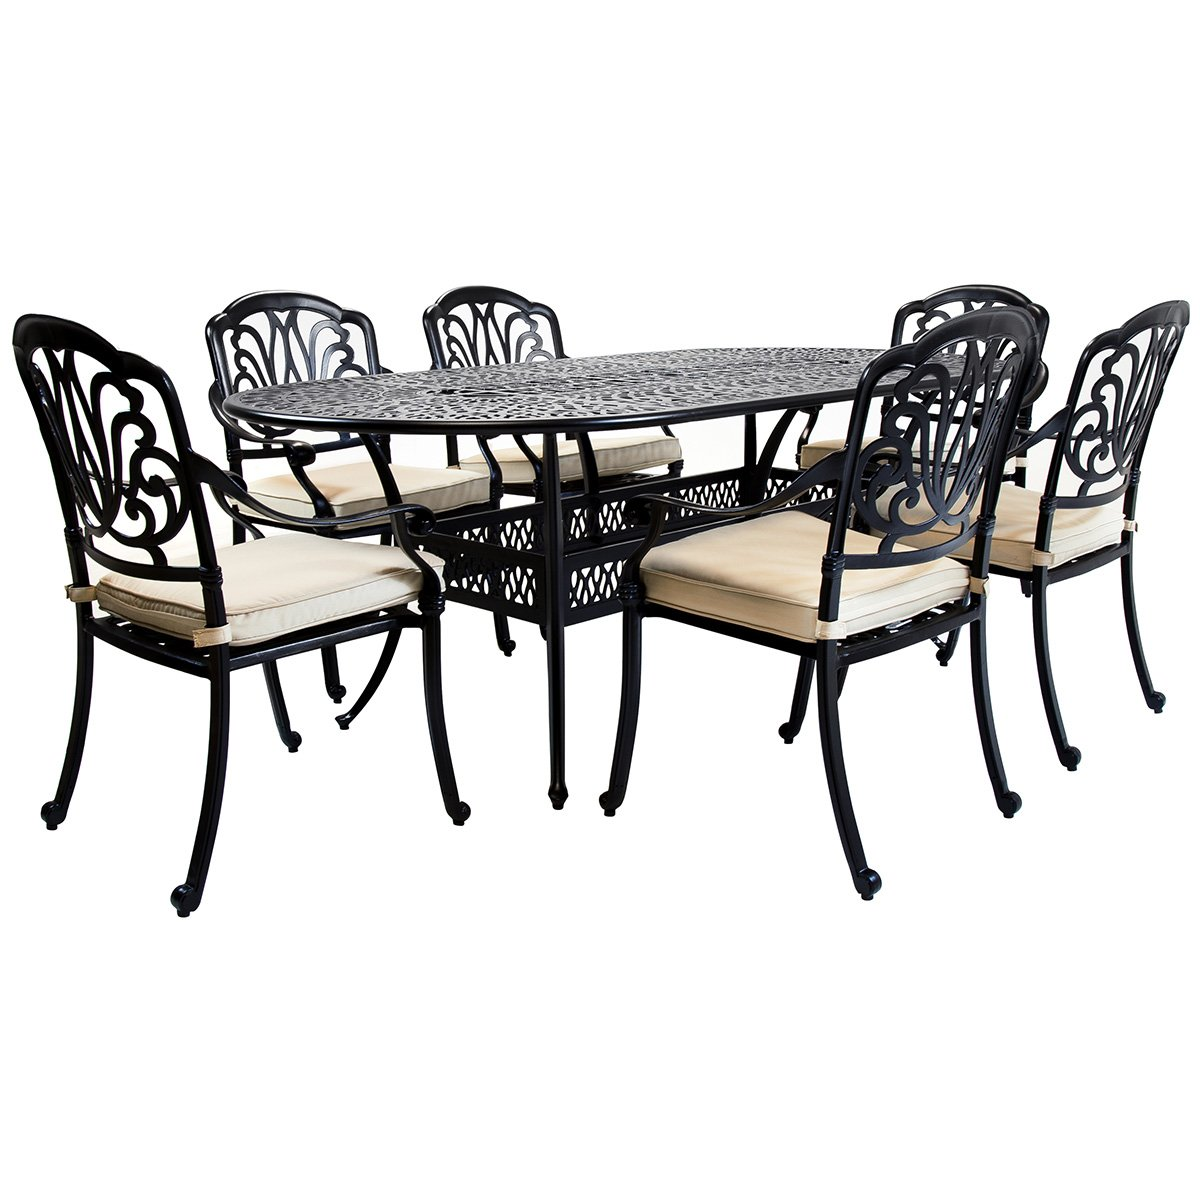 Bentley Garden - Sitzgruppe mit 6 Stühlen - Aluminiumguss - Für Garten & Terrasse